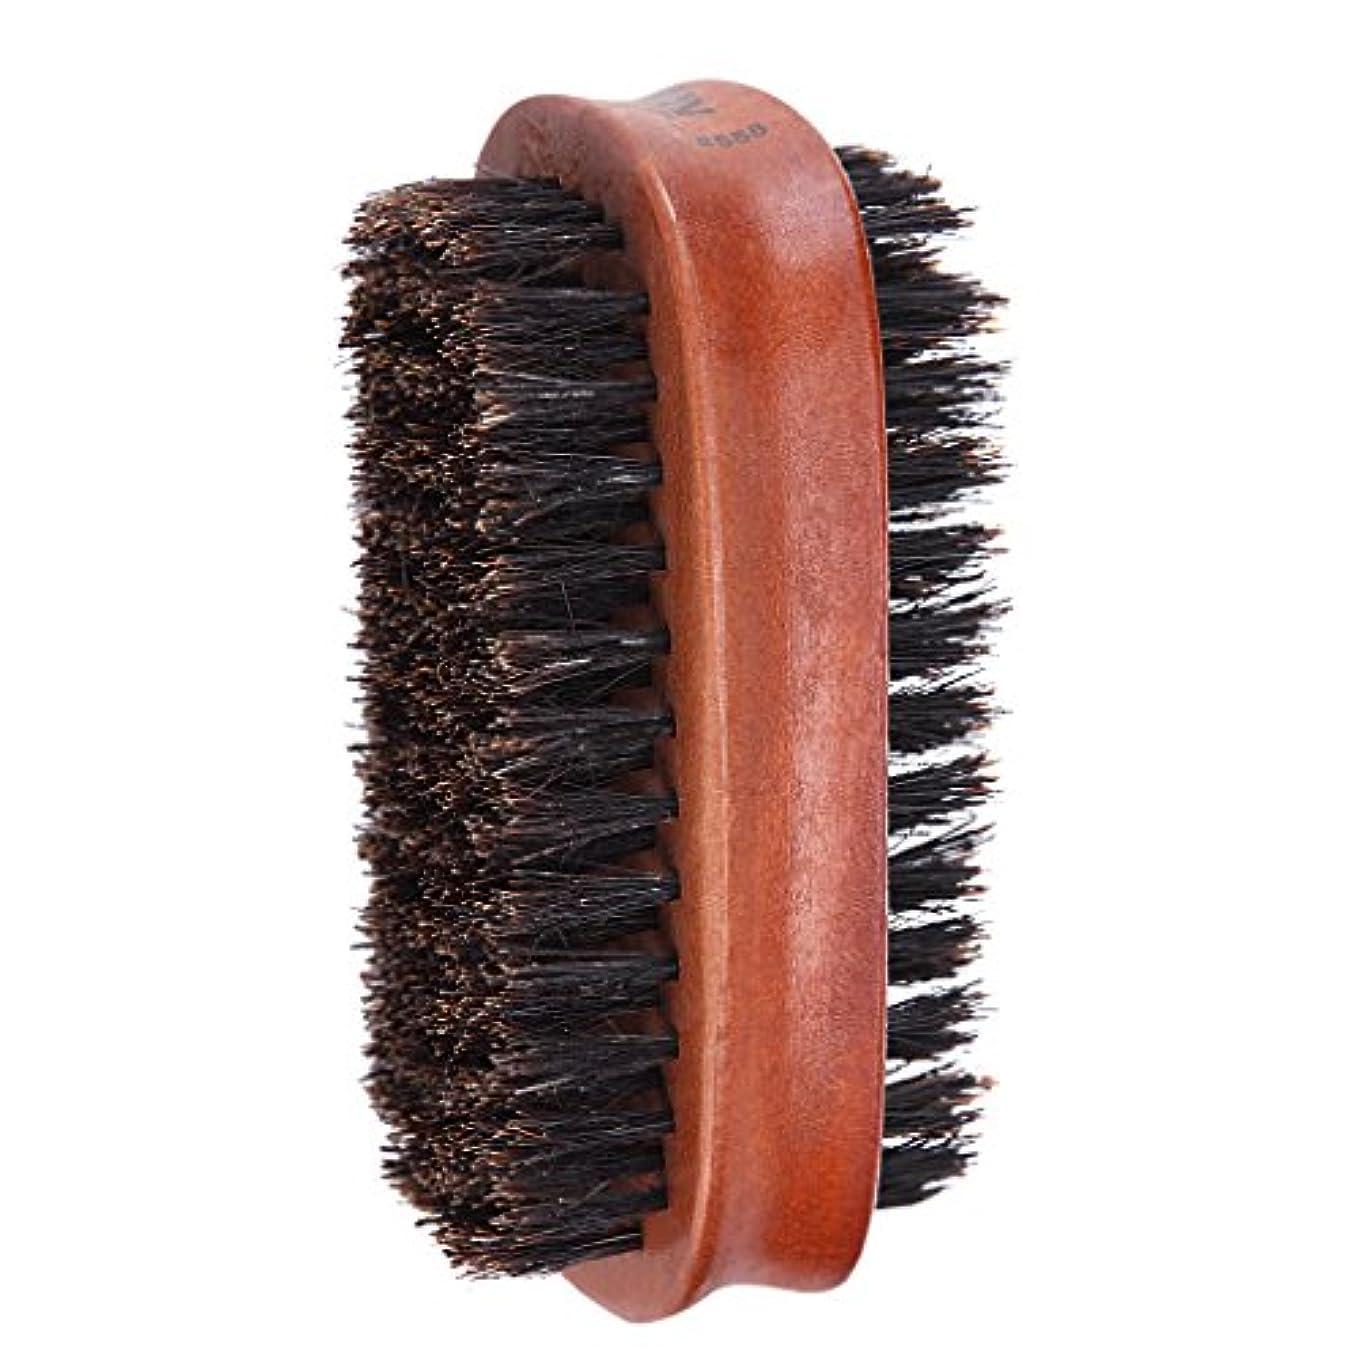 つかいます投資タールToygogo ヘアブラシ 両面ブラシ 男性 髭 口ひげ グルーミングブラシ ブリストルブラシ